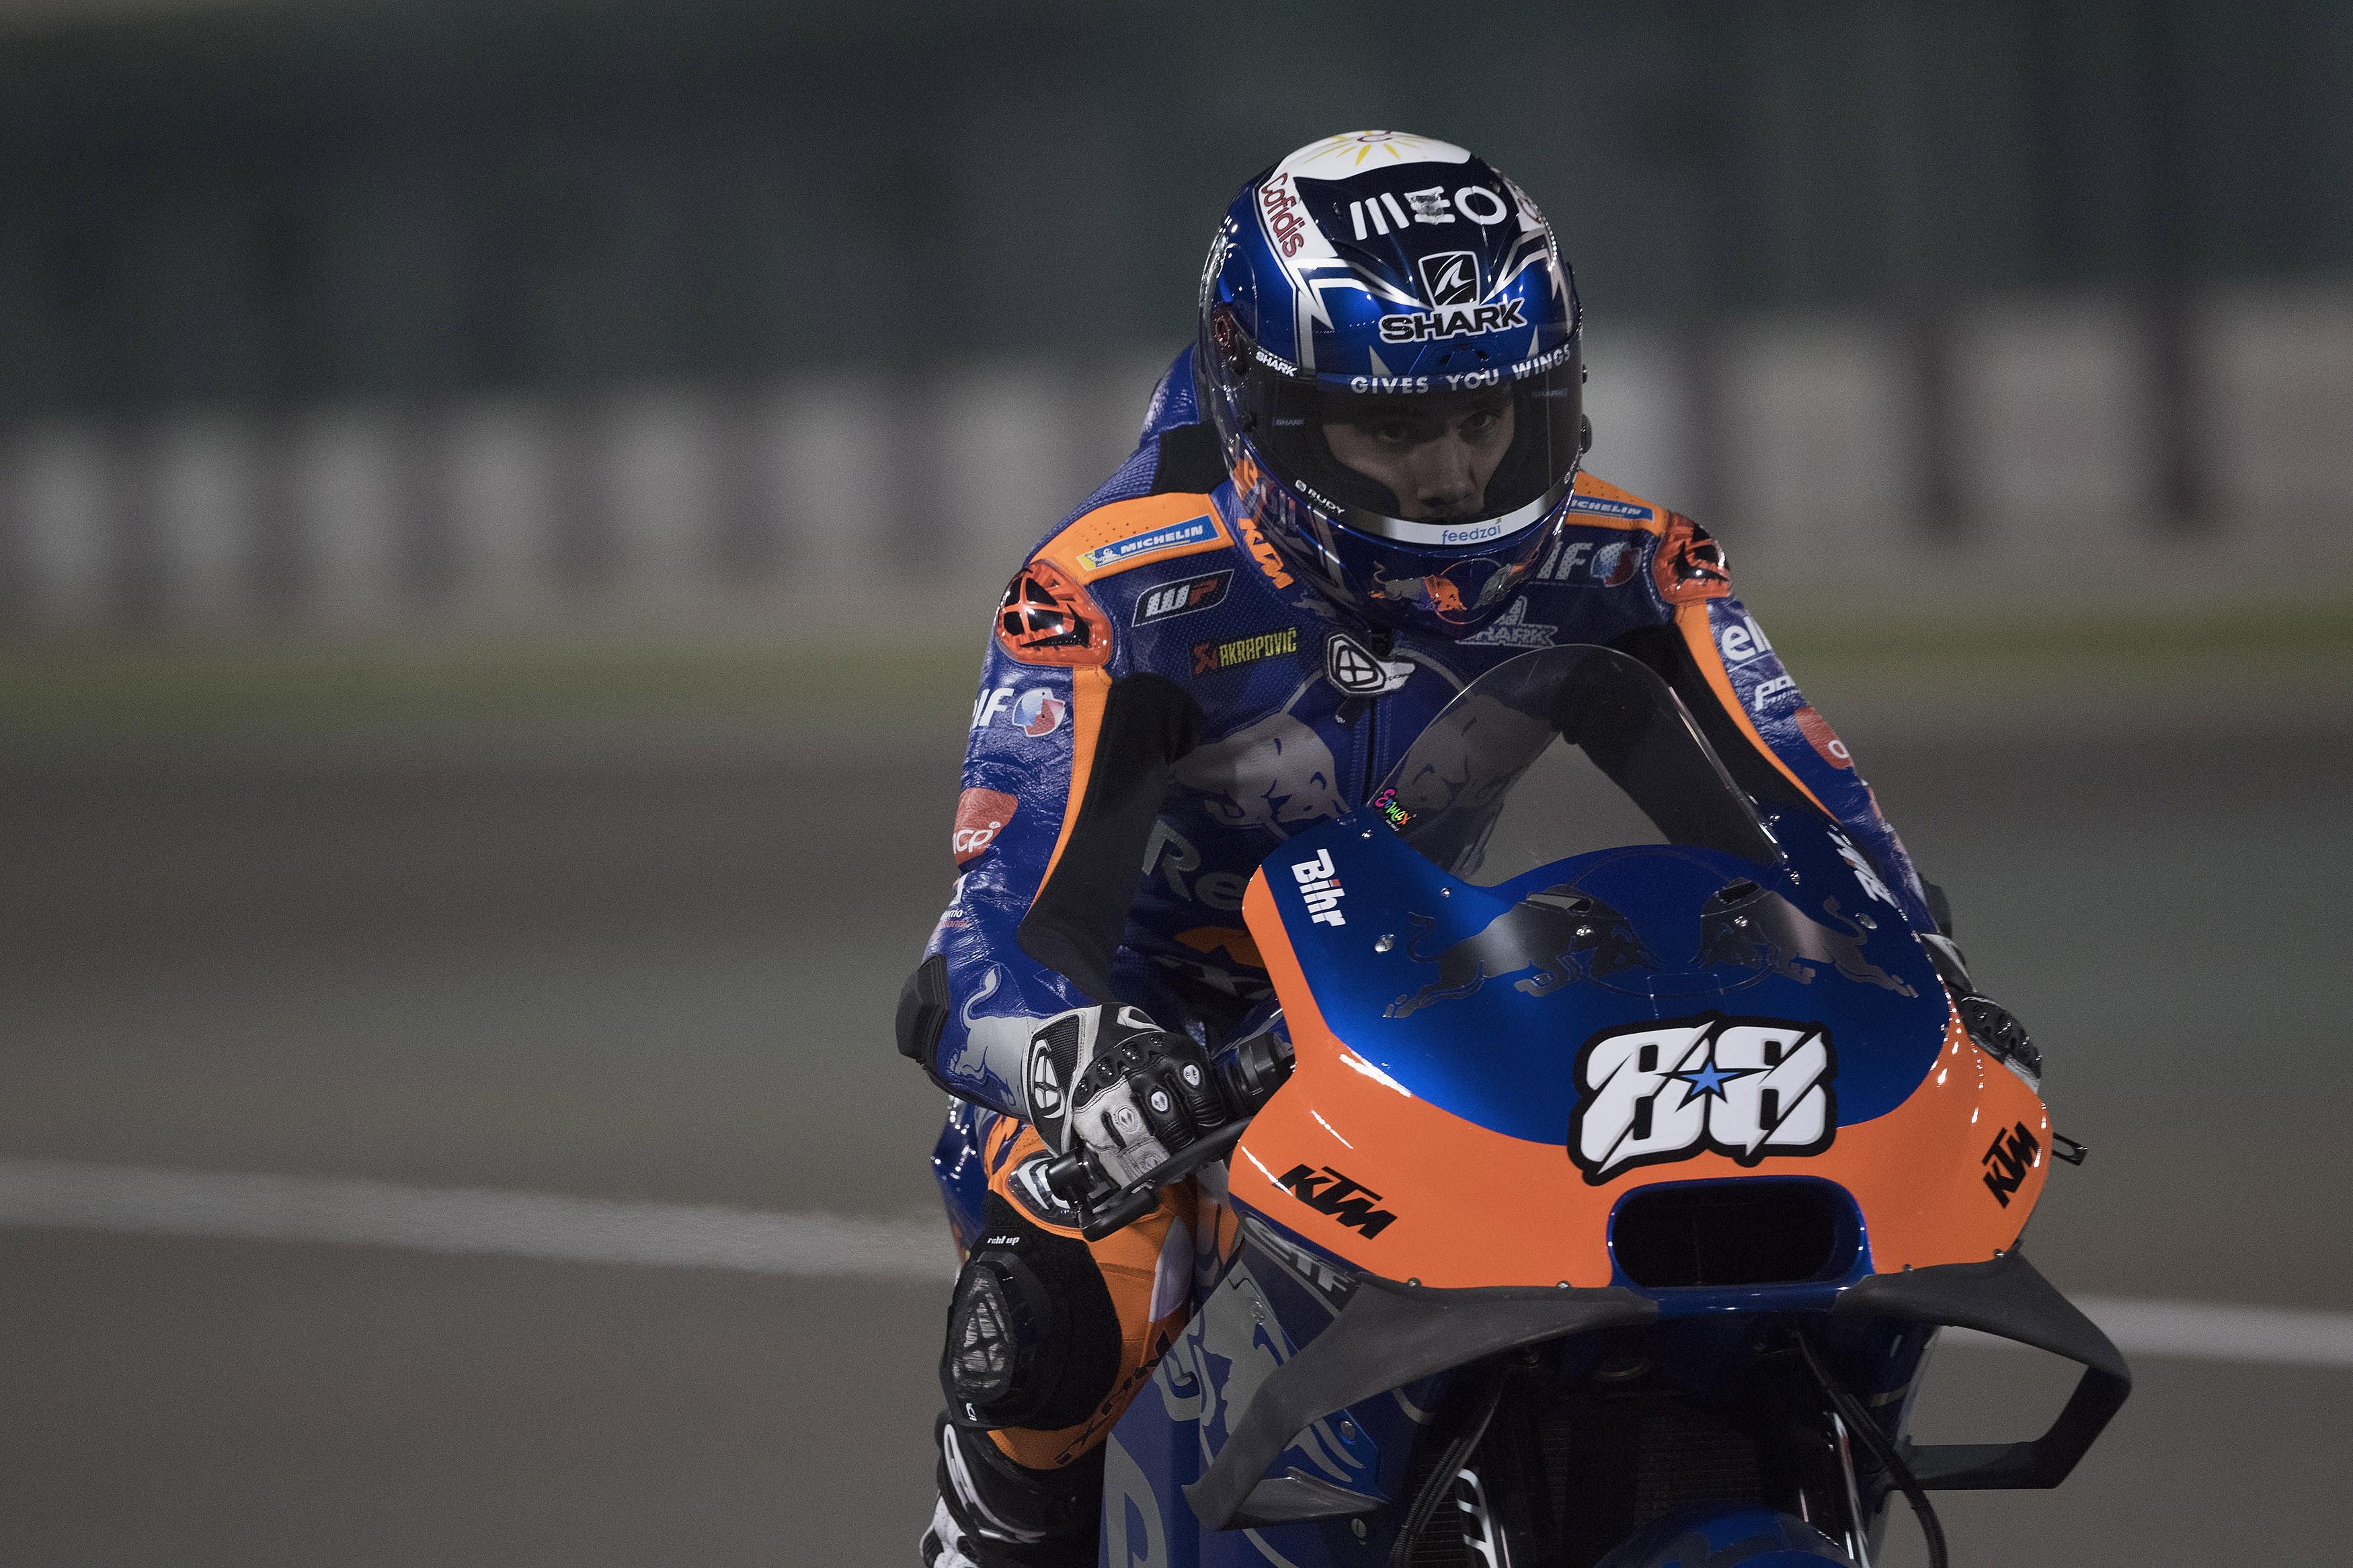 Saiba a que horas pode ver a estreia de Miguel Oliveira no MotoGP